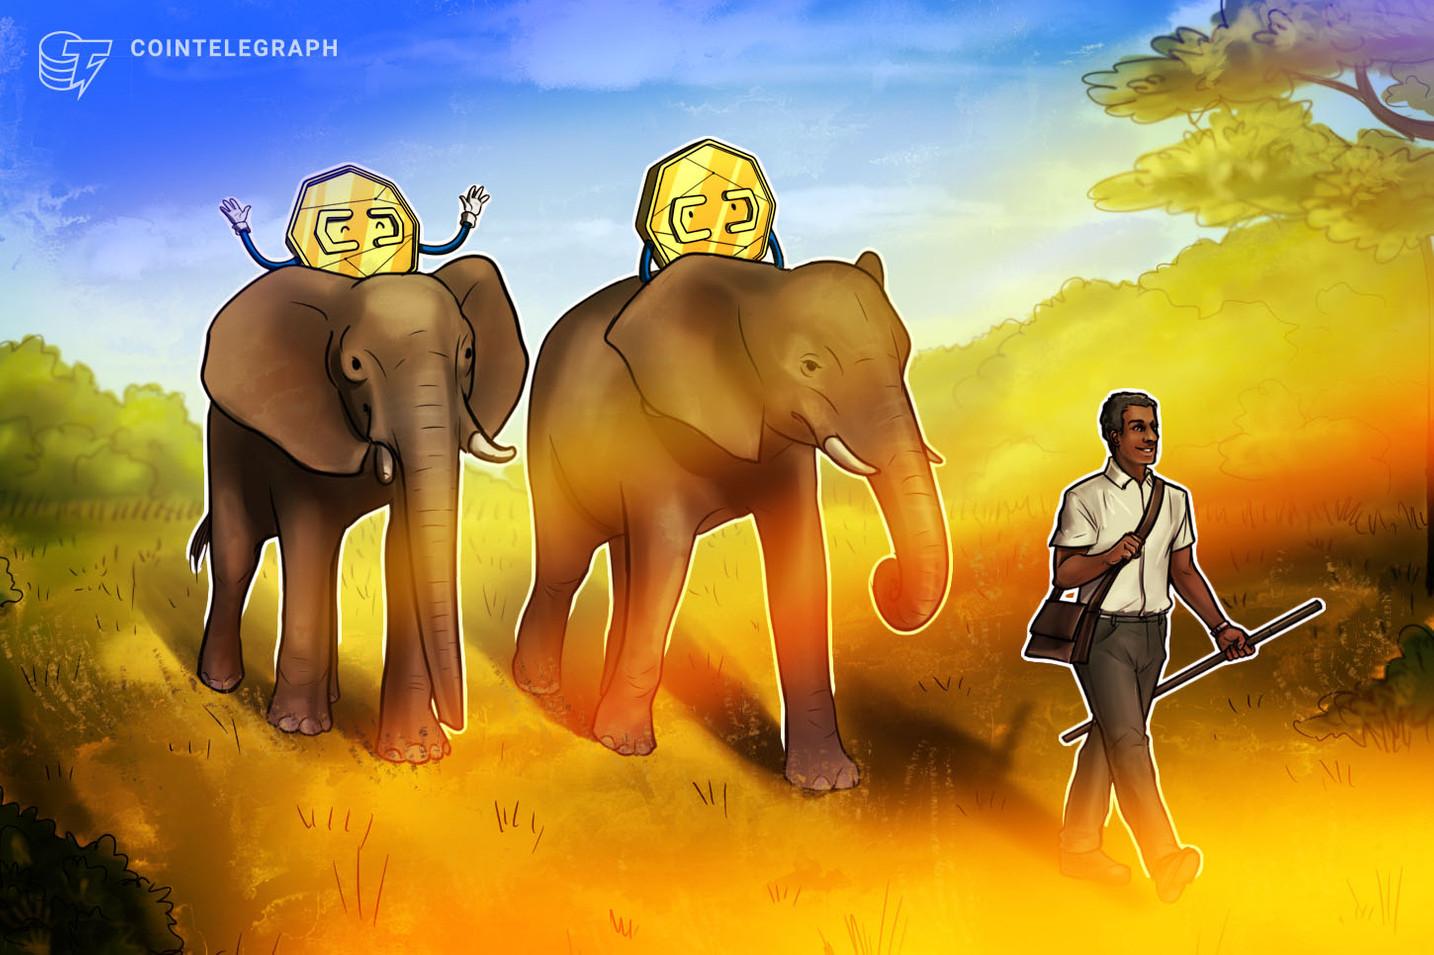 Zimbabwe U-Turns on Crypto, Looking to Stabilize Local Economy